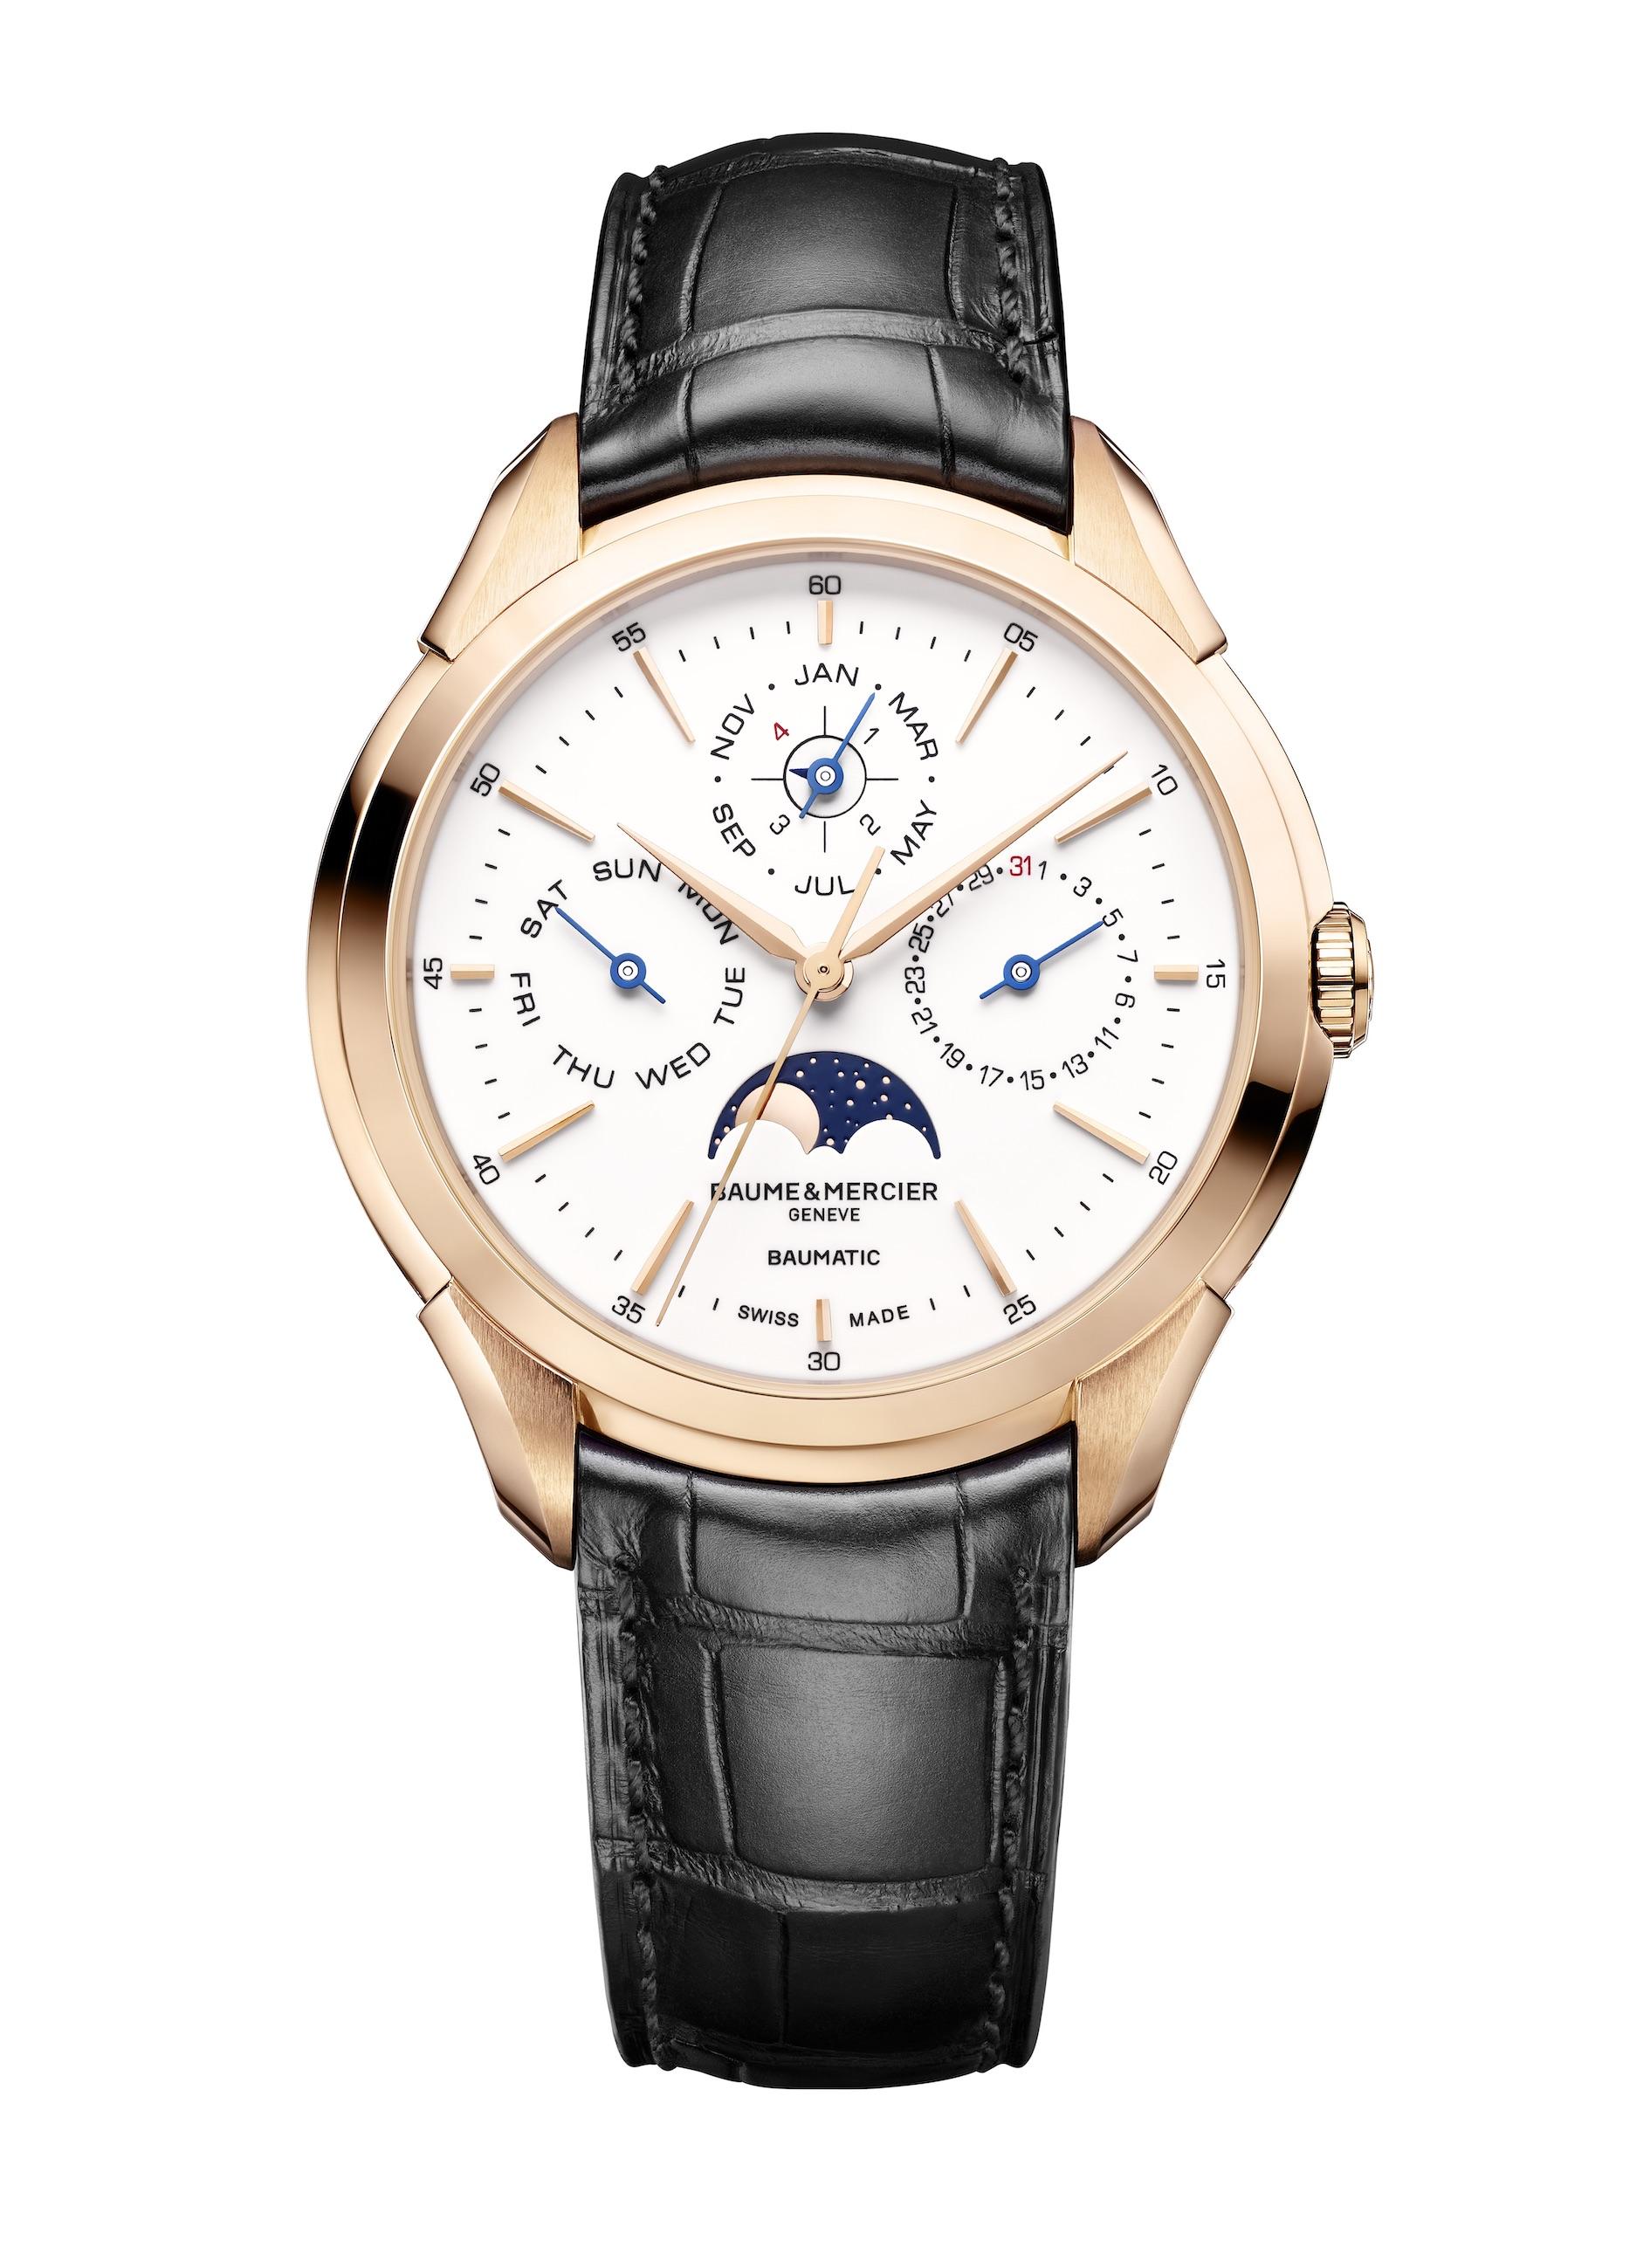 SIHH 2018: Baume & Mercier Clifton Baumatic Perpetual Calendar watch.